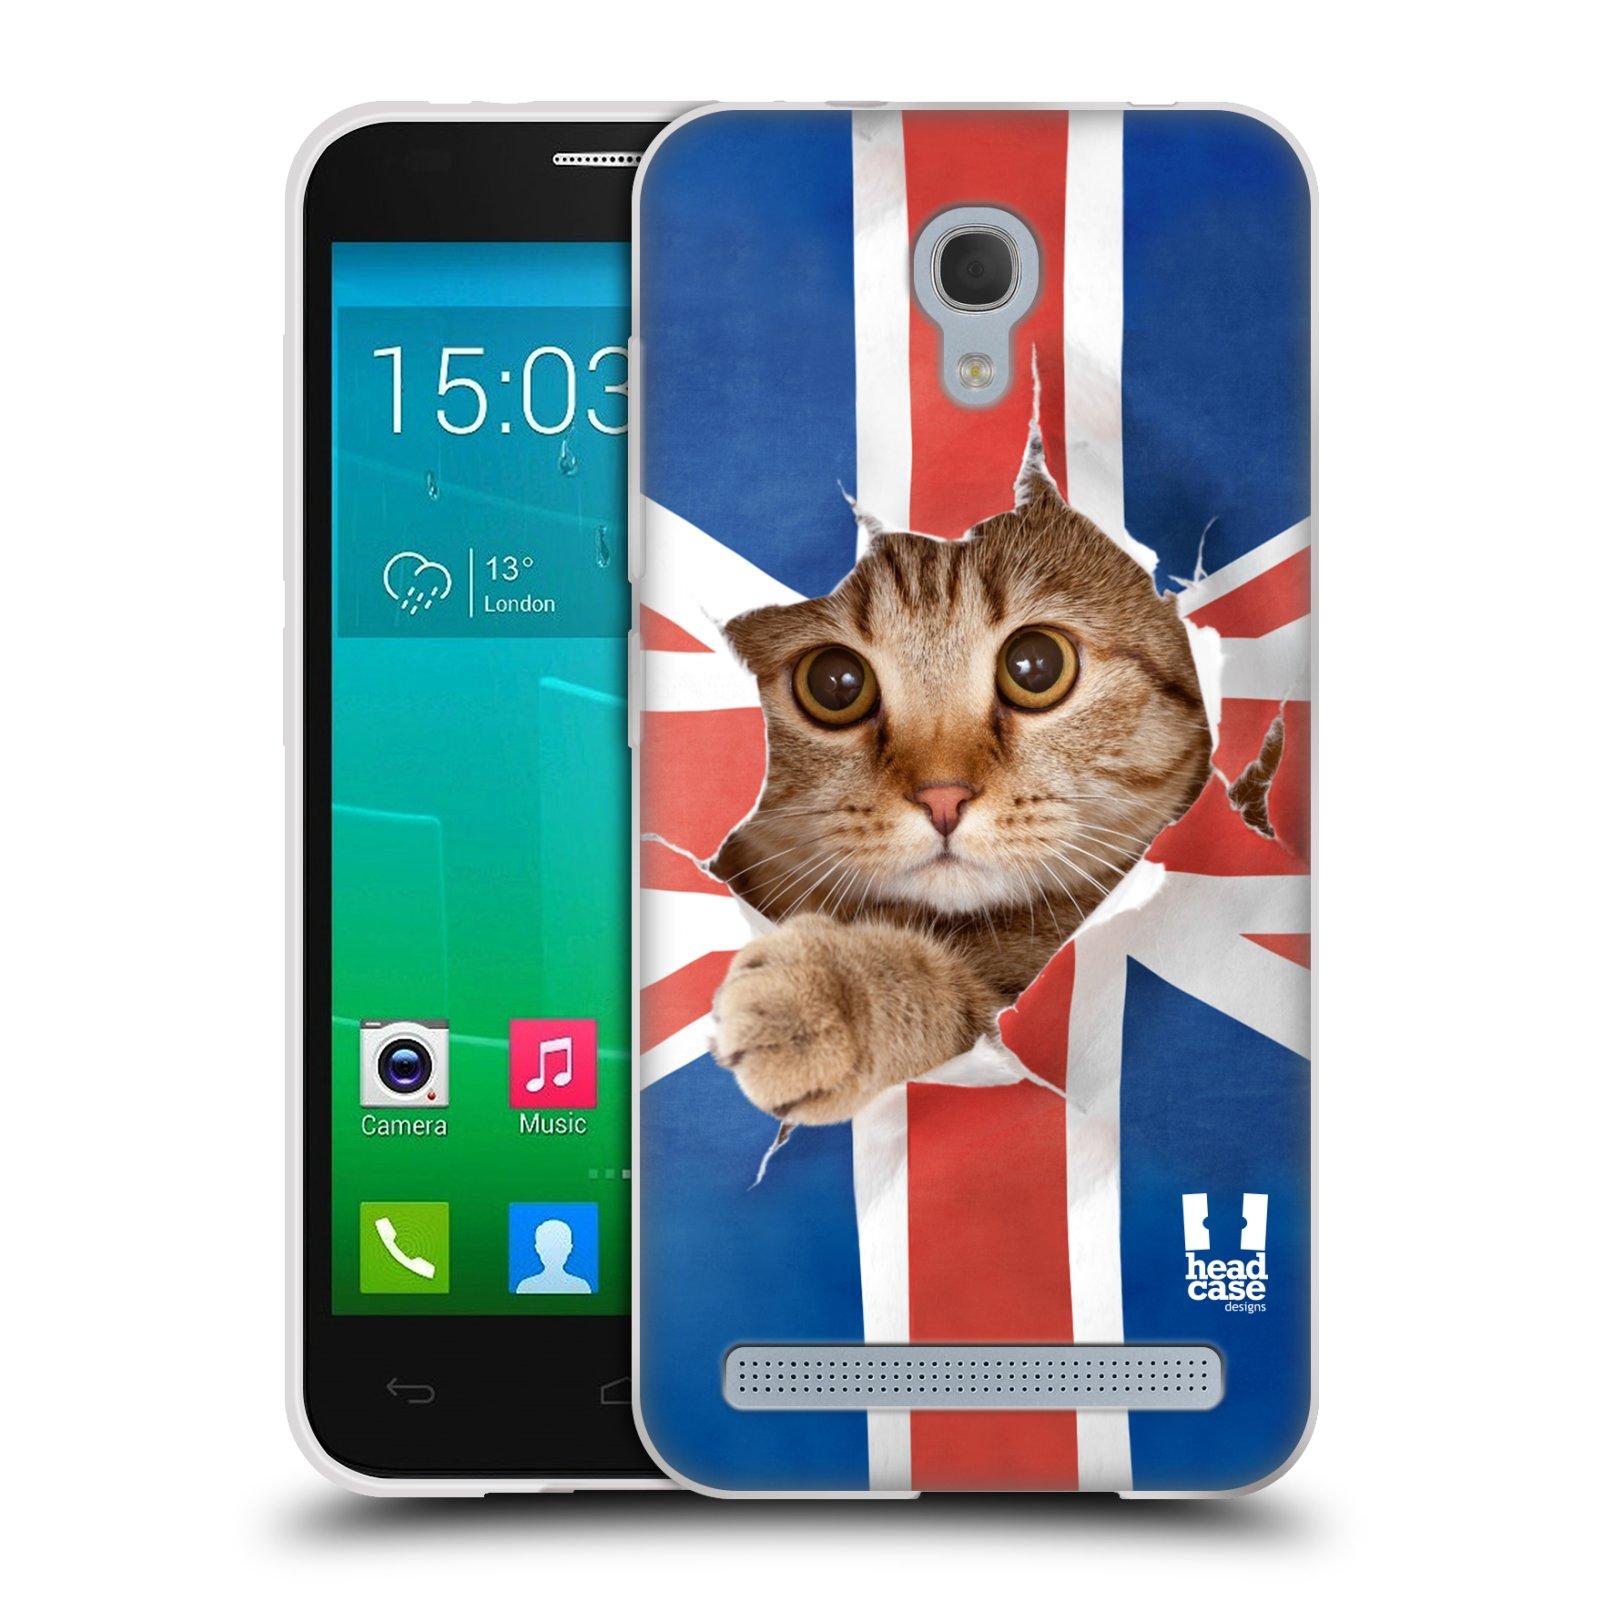 HEAD CASE silikonový obal na mobil Alcatel Idol 2 MINI S 6036Y vzor Legrační zvířátka kočička a Velká Británie vlajka